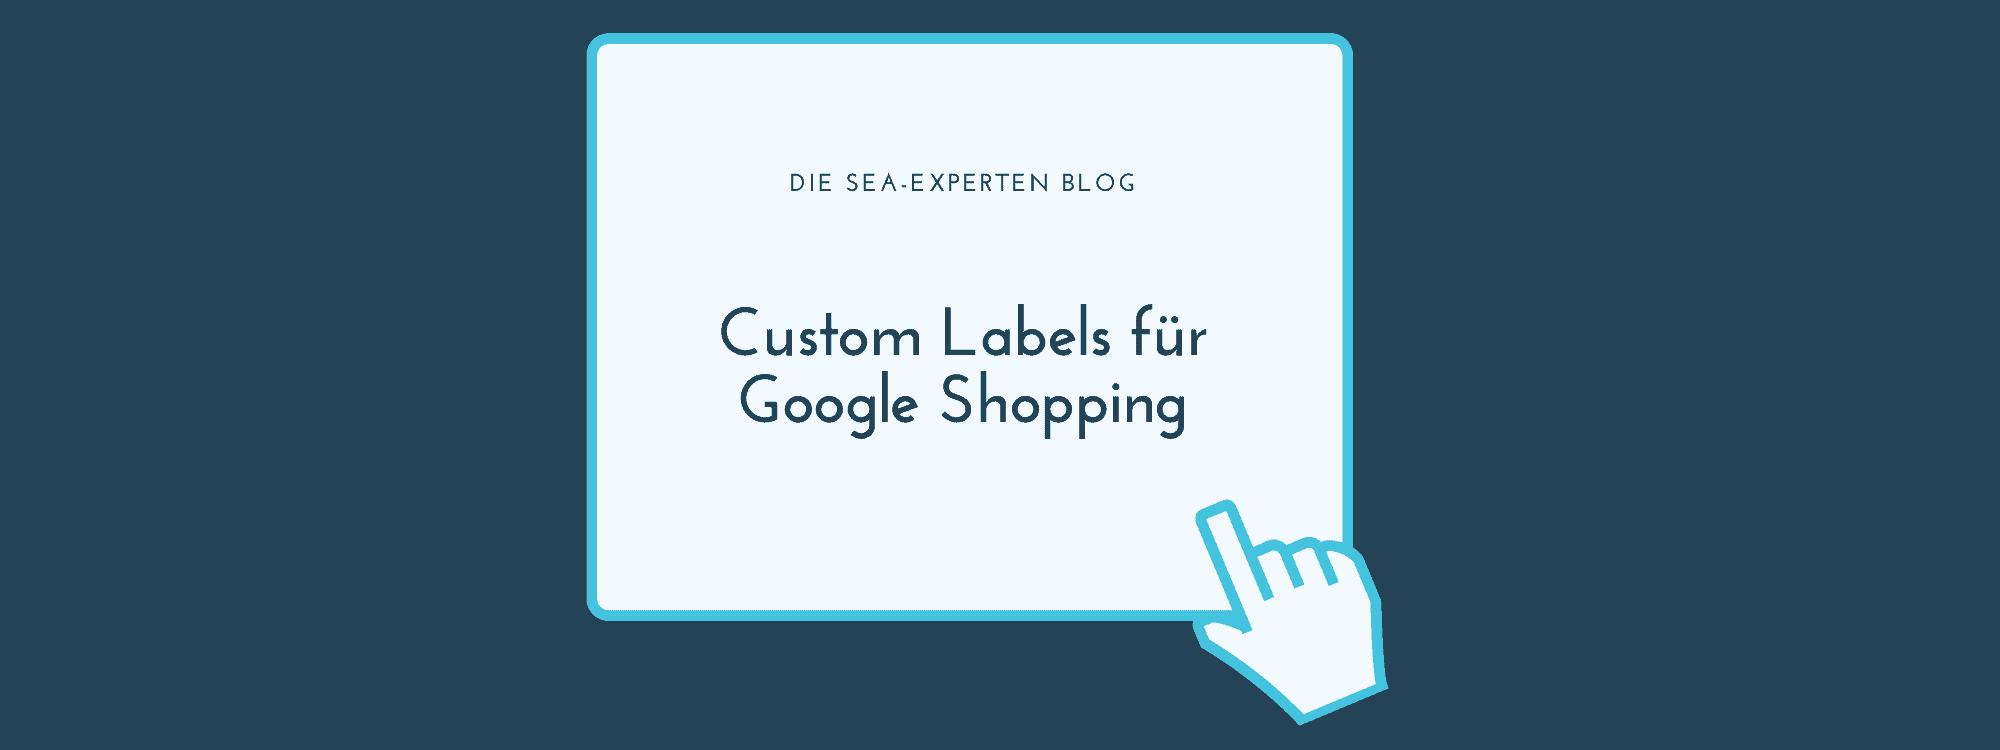 Custom Labels für Google Shopping Blogbeitrag Titelbild